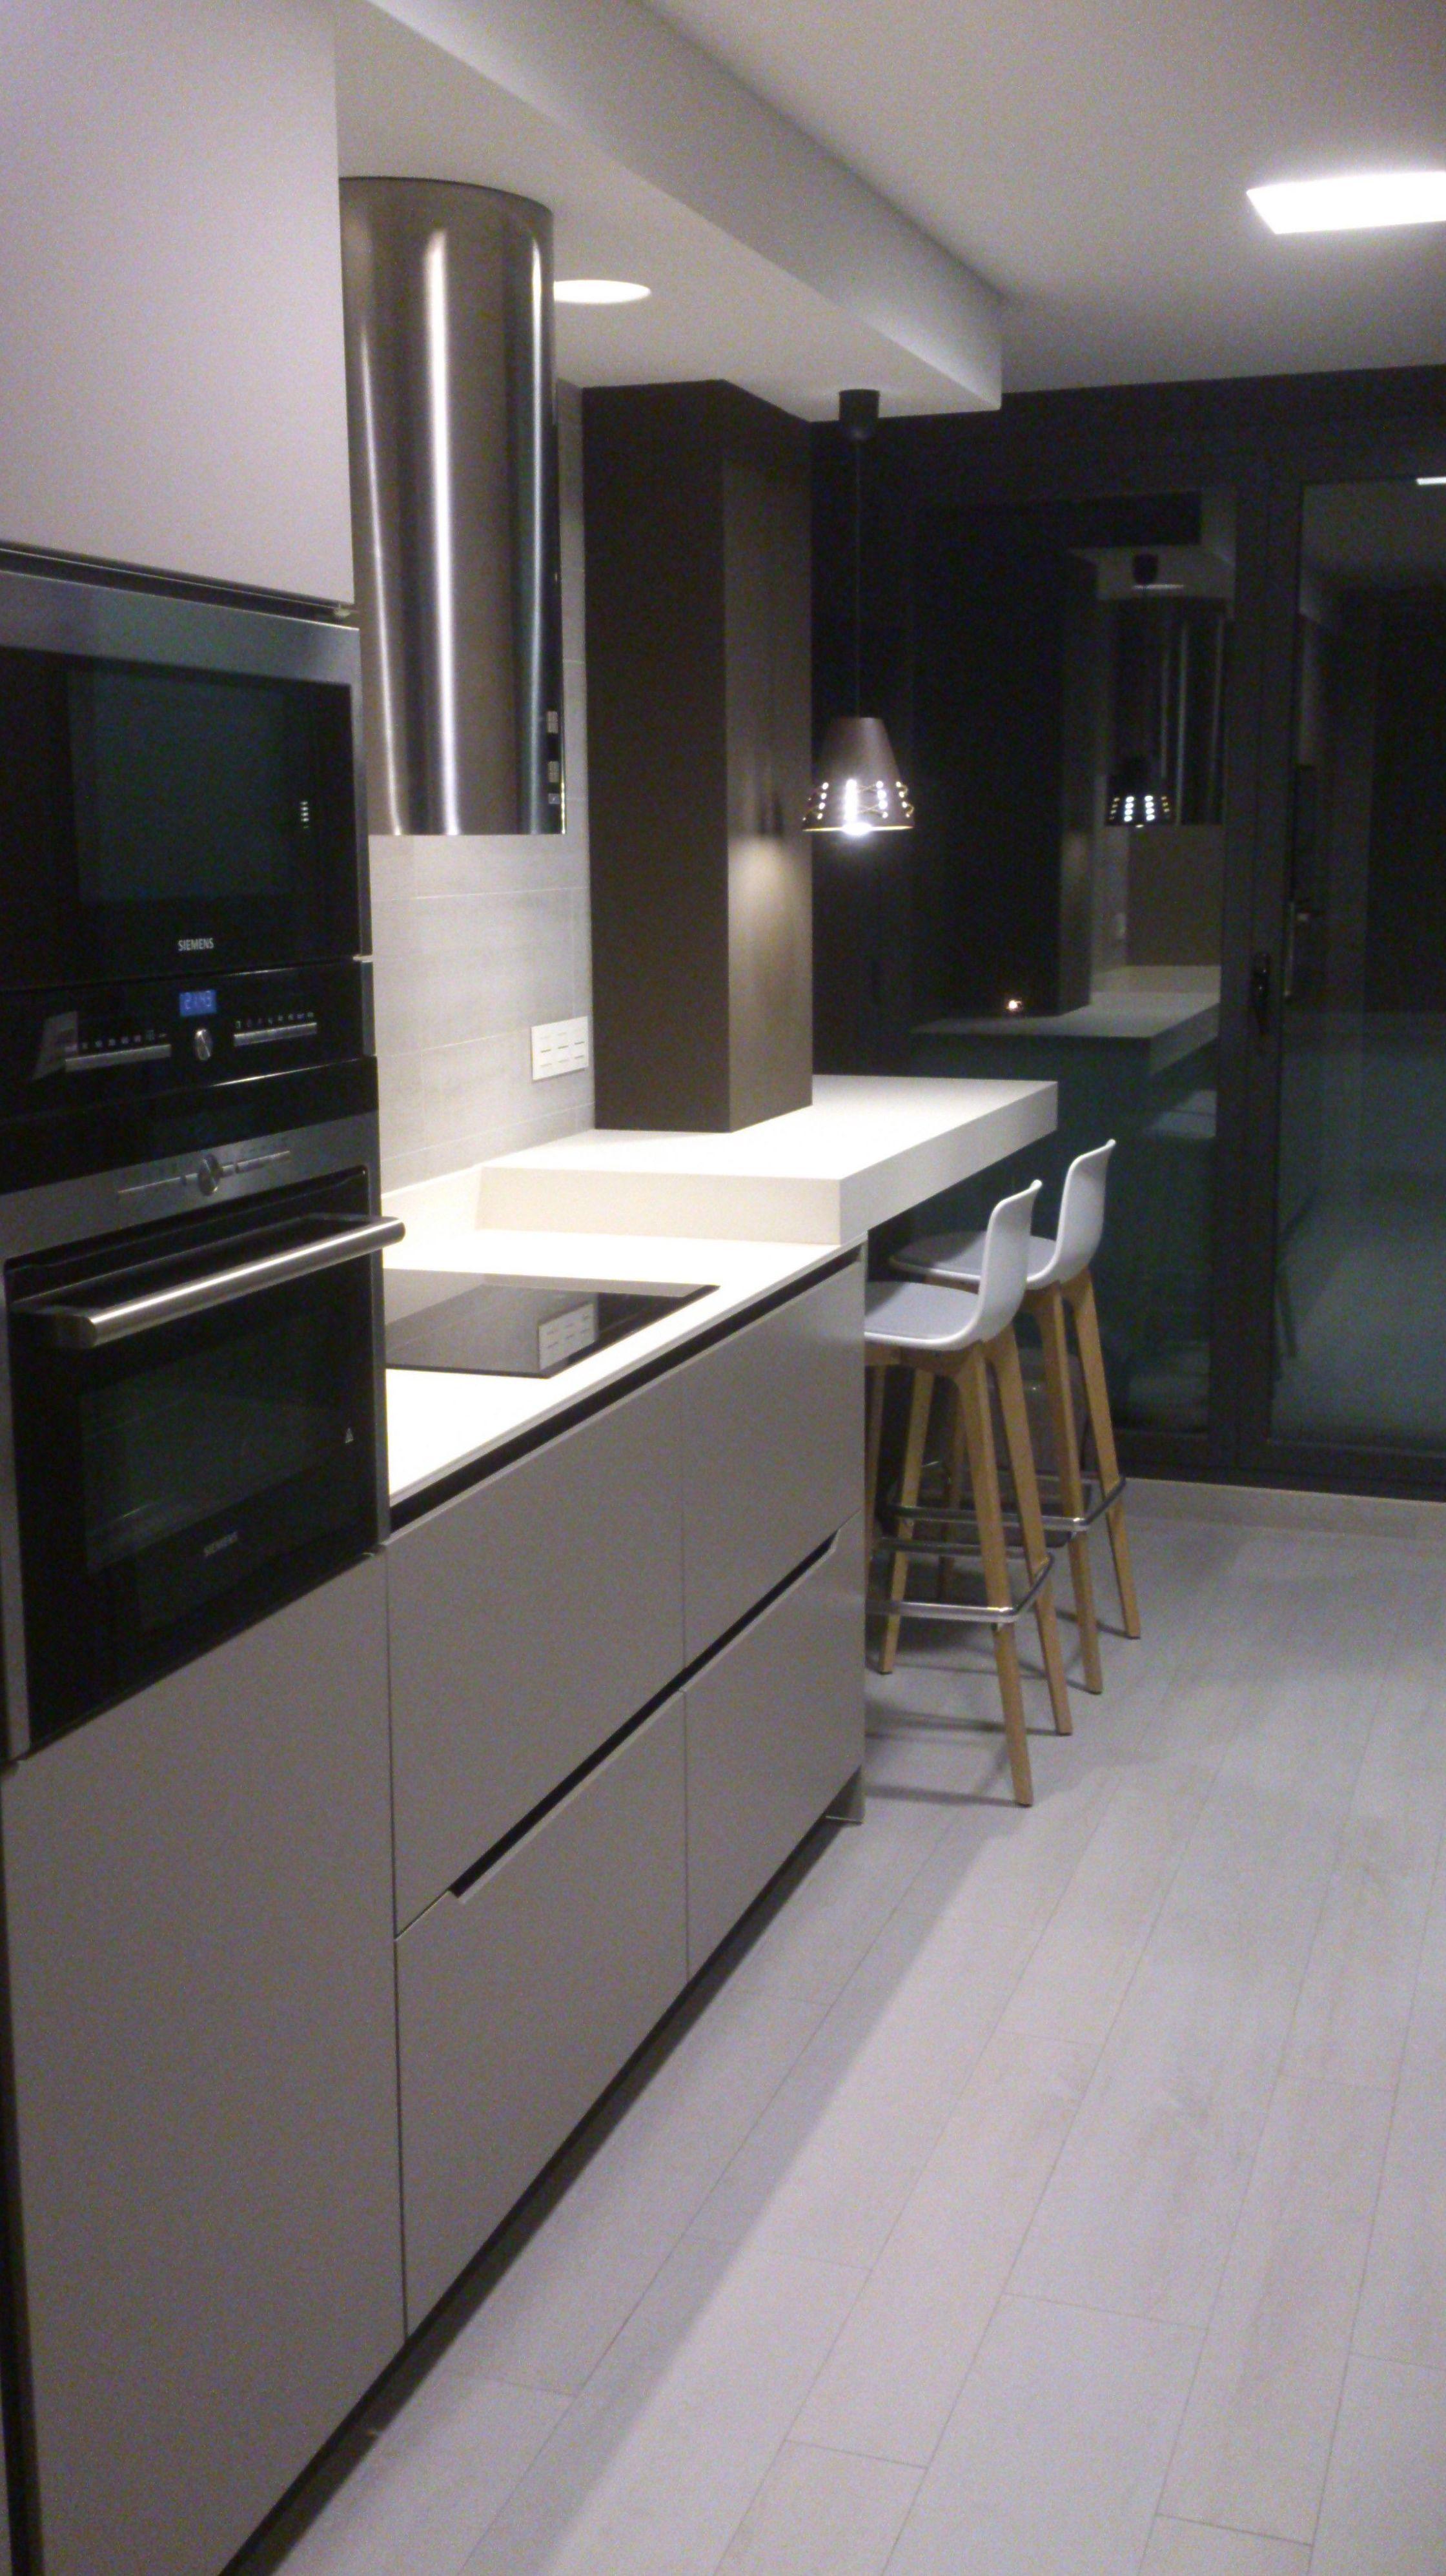 Muebles de cocina en vitoria nerea with muebles de cocina en vitoria stunning vitoria cocinas - Cocinas en vitoria ...